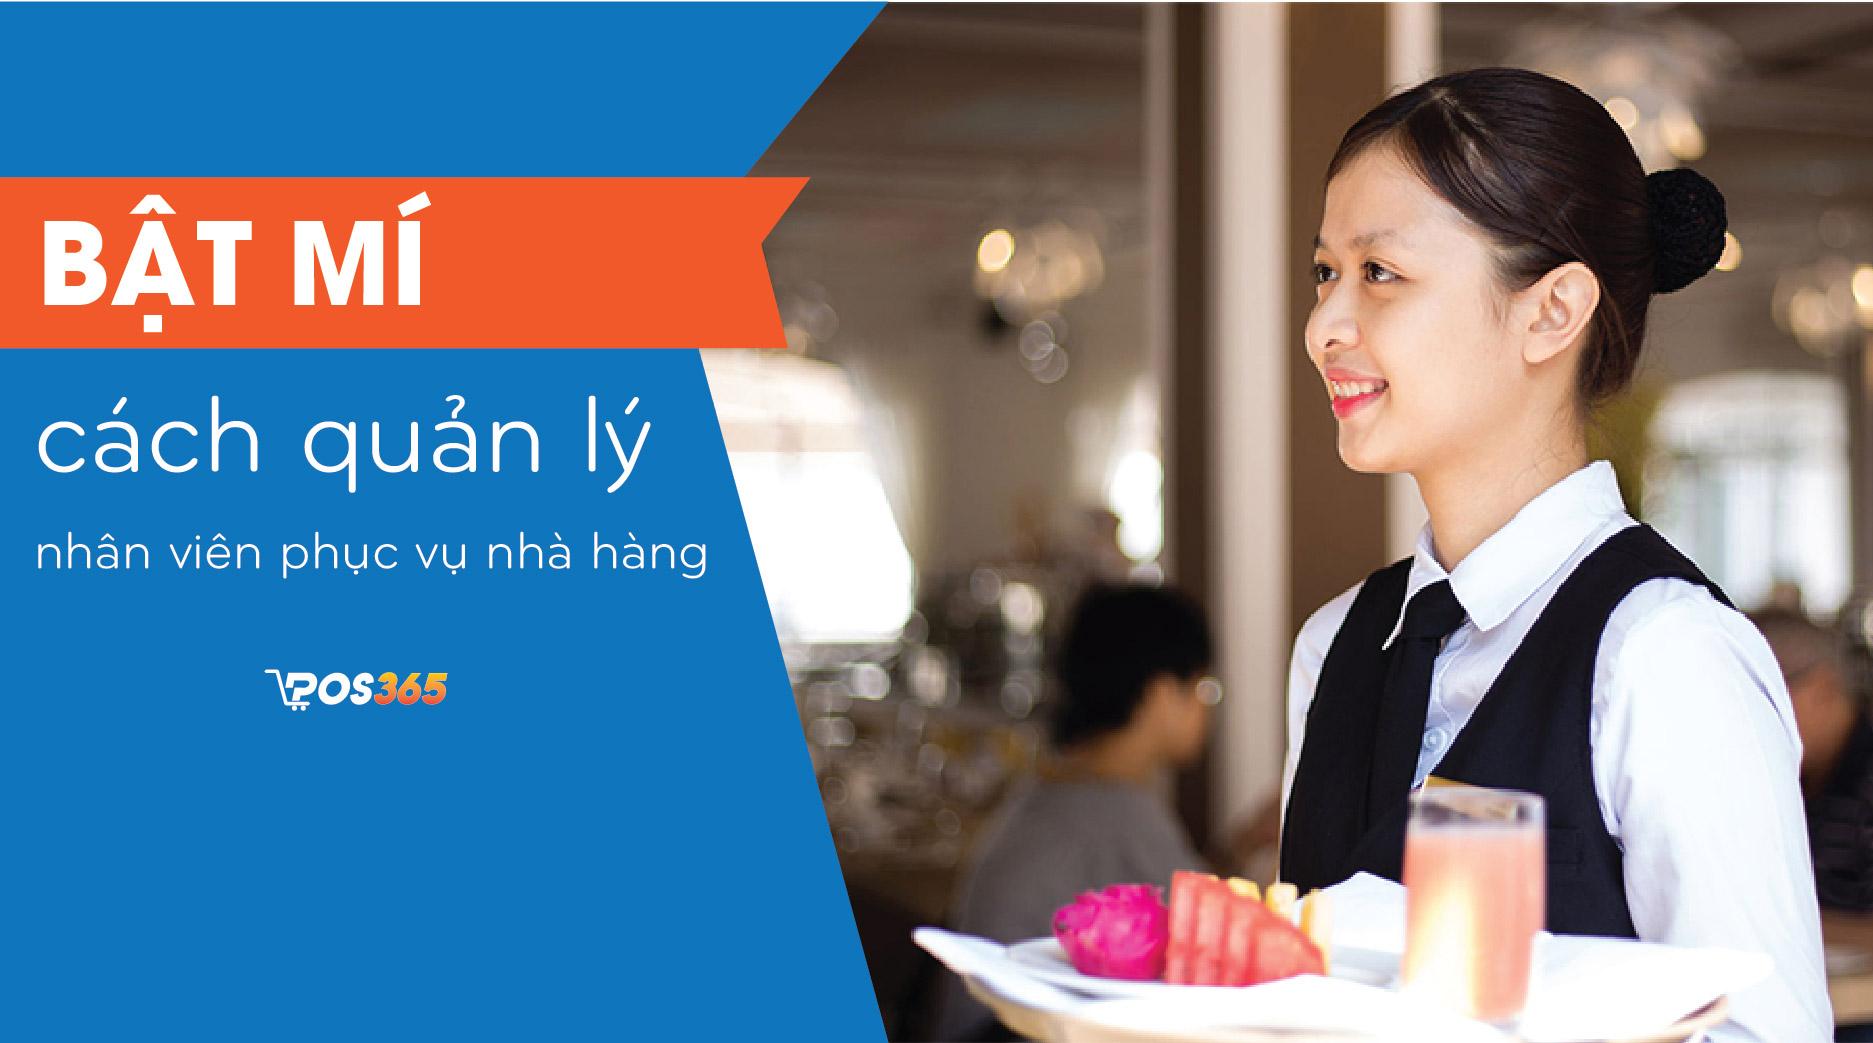 Bật mí cách quản lý nhân viên phục vụ nhà hàng